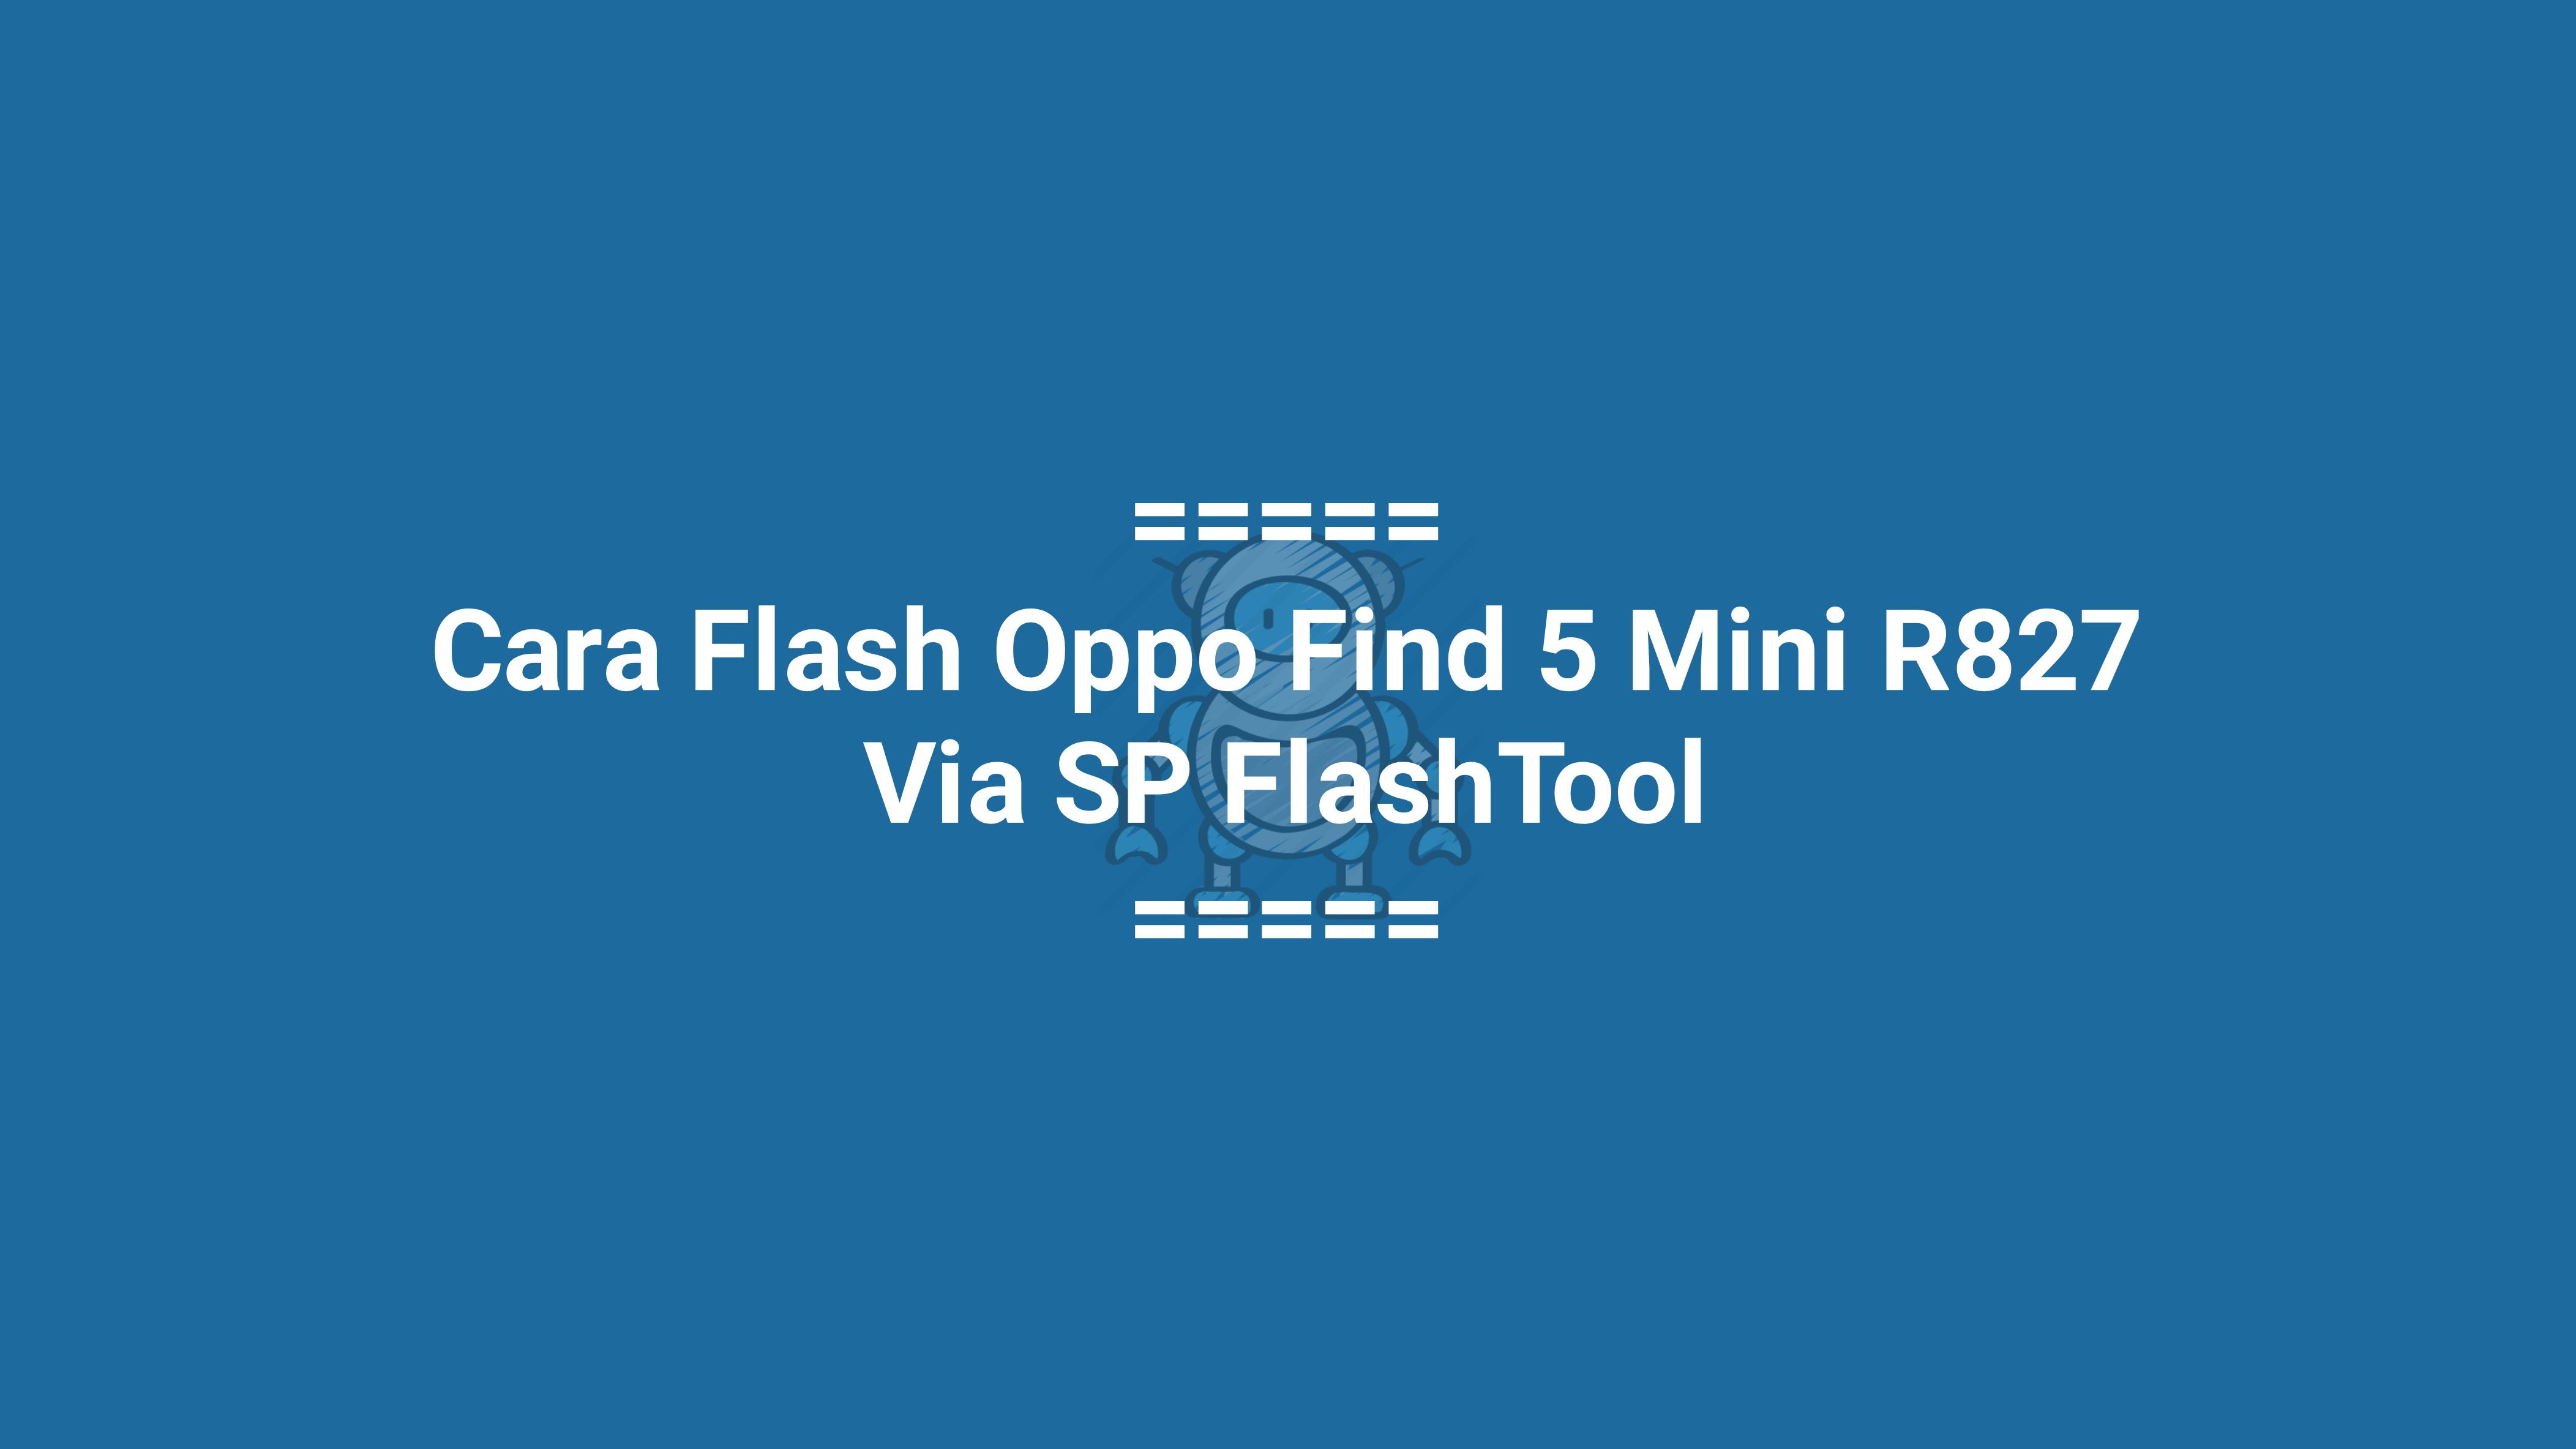 Flash Oppo Find 5 Mini R827